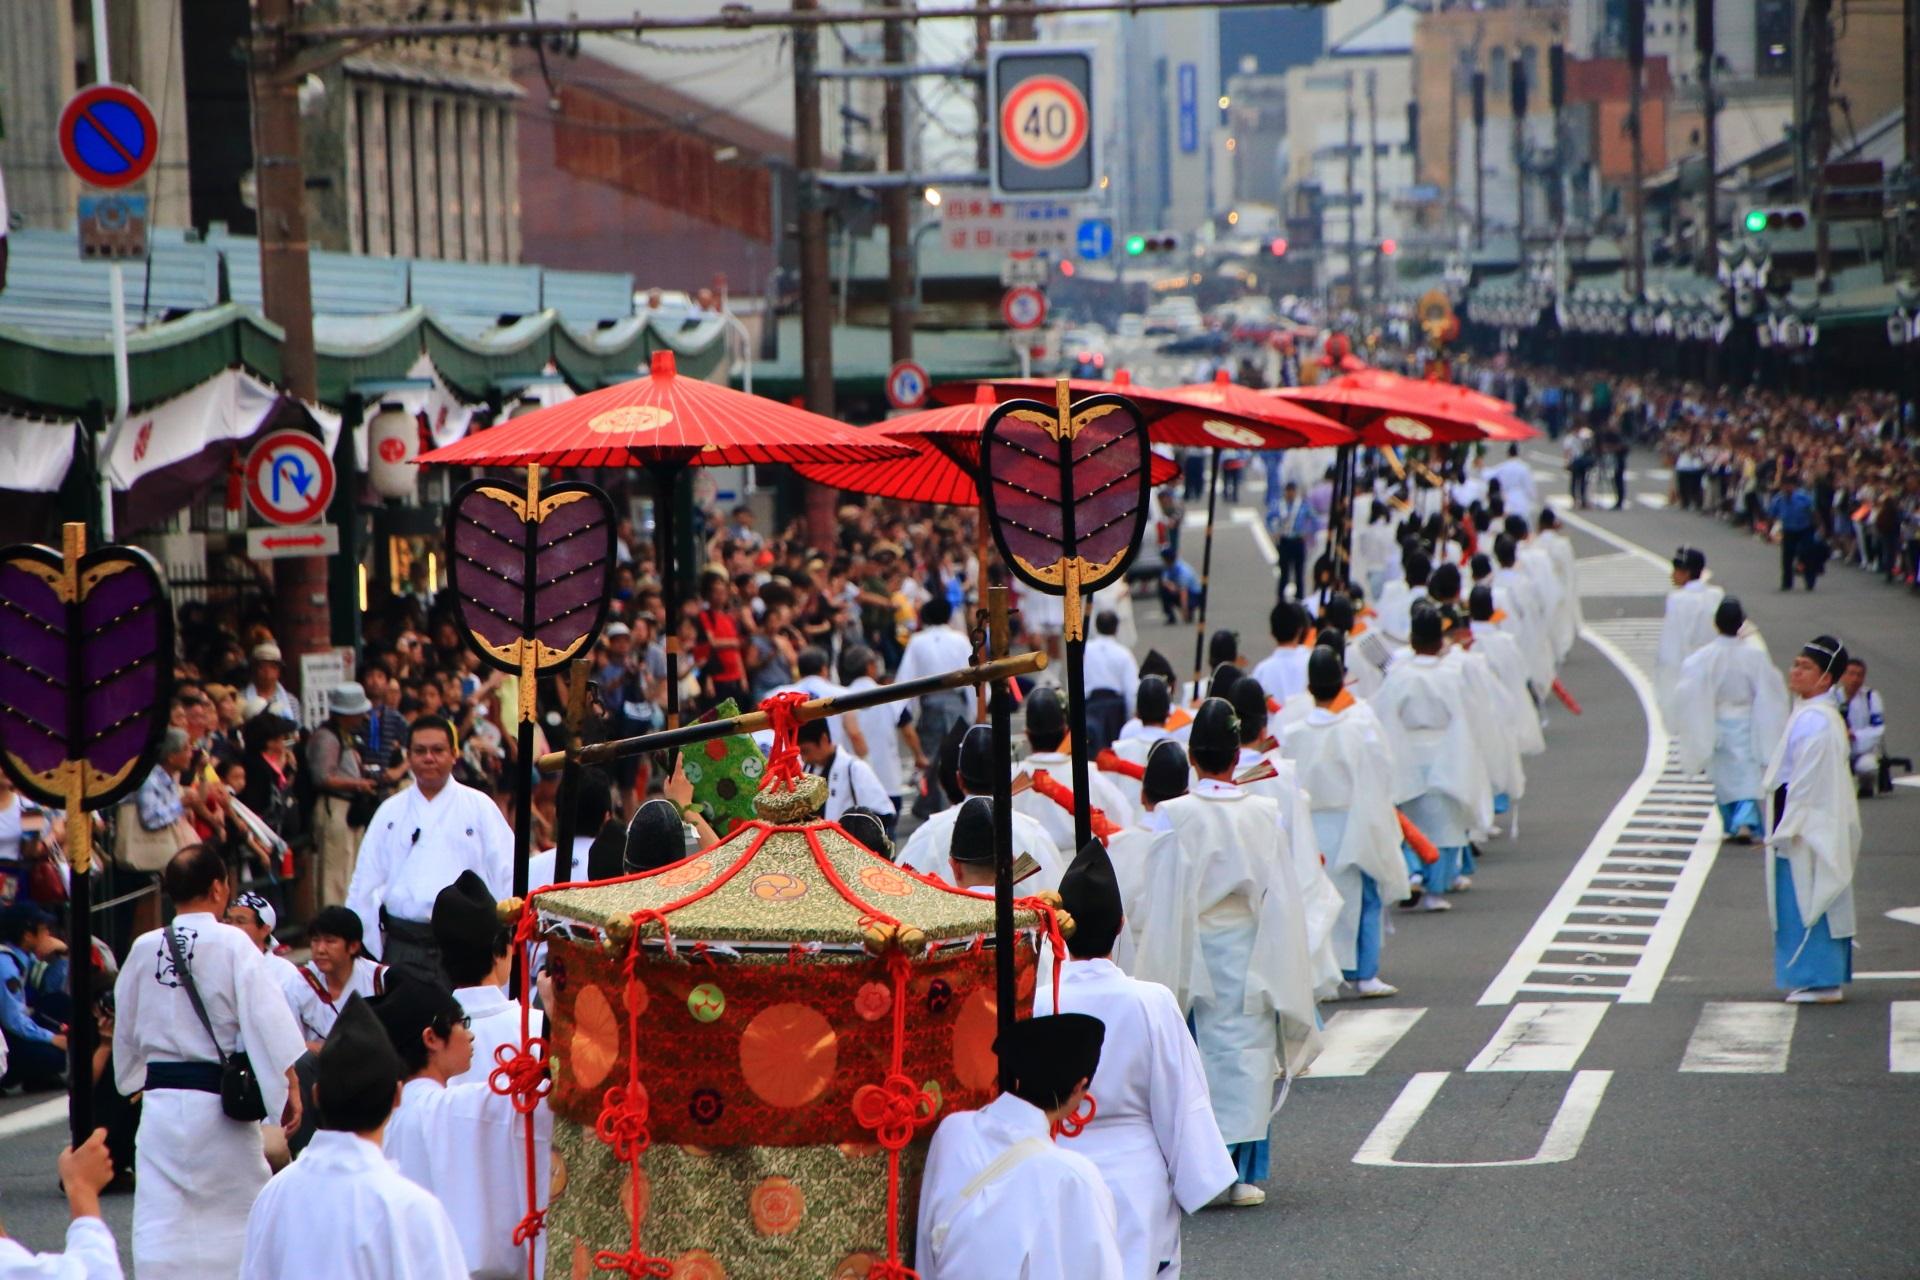 たくさんの人が沿道から見守る神幸祭行列